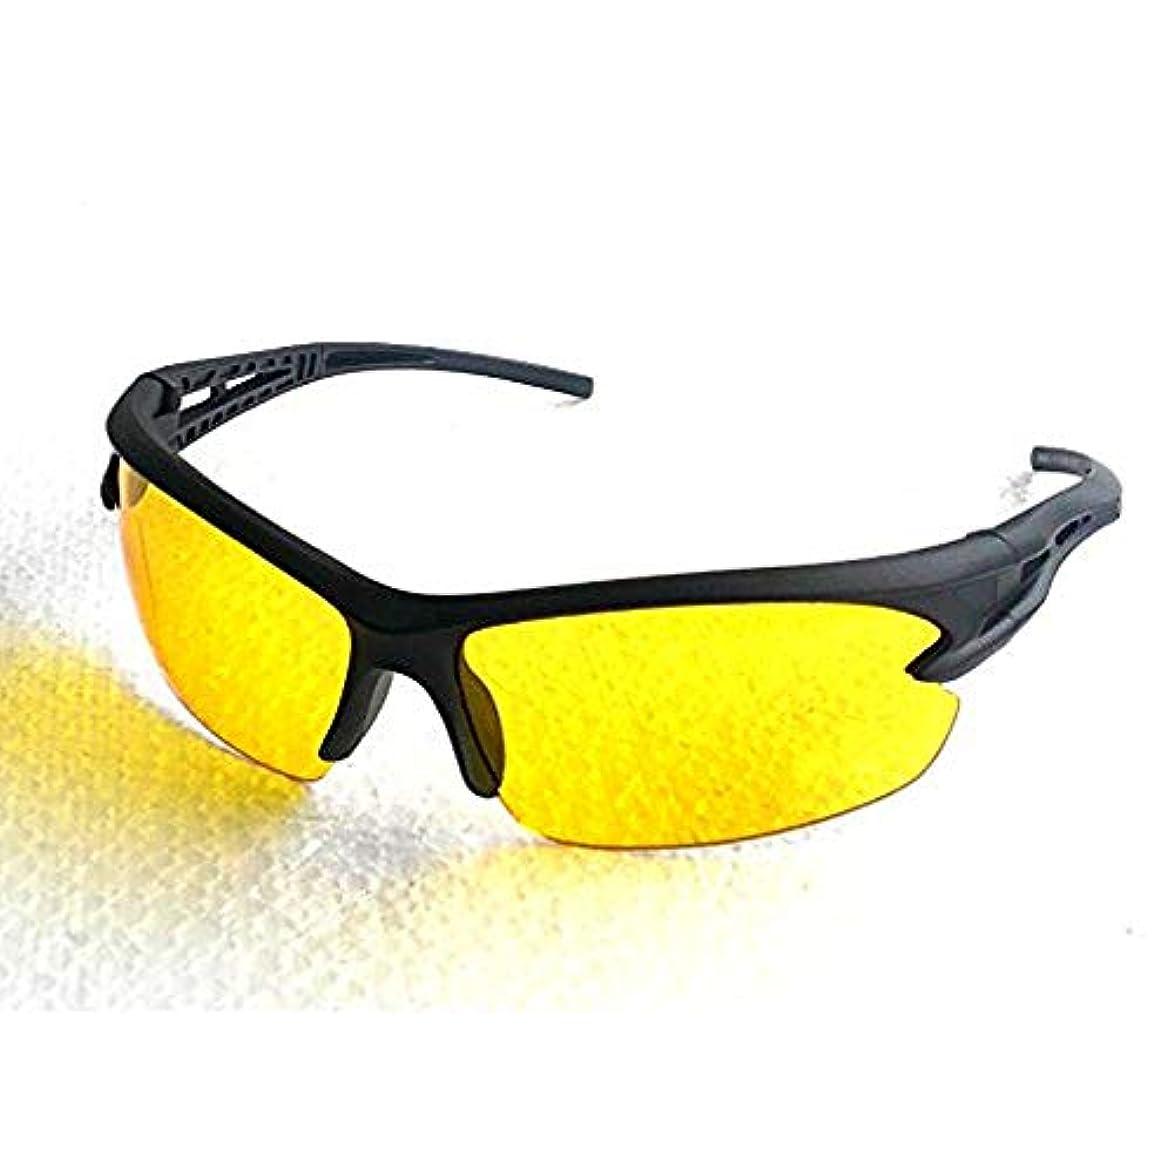 南極感染する甘いスポーツ サングラス 超軽量 UV400 紫外線カット メンズ レディース 高精細偏光 スポーツ偏光サングラス